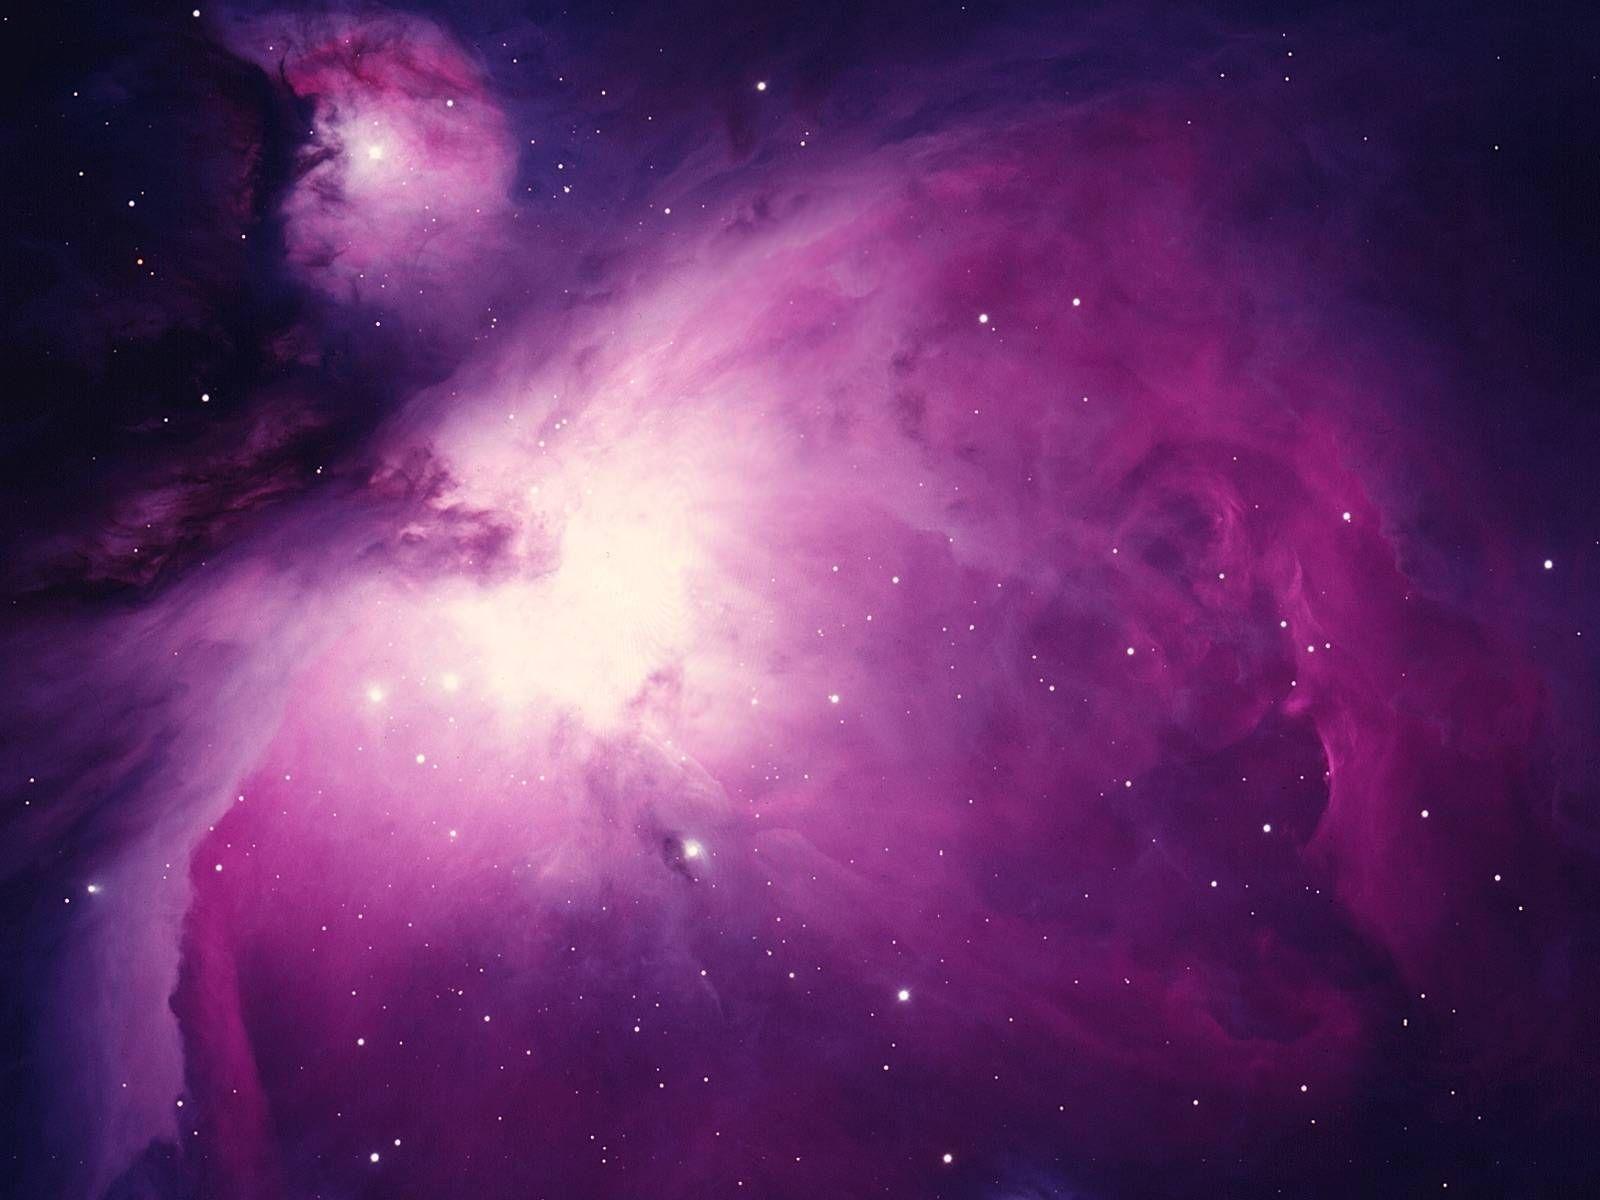 space galaxy purple landscape wallpaper | night sky | pinterest